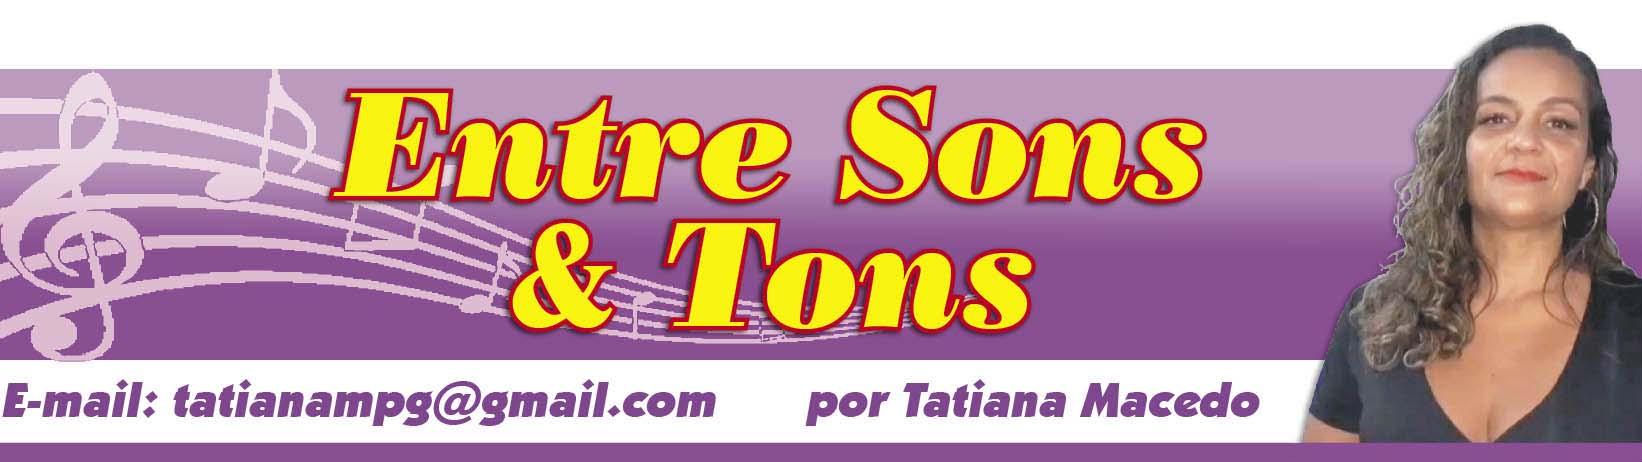 Banner Entre Sons e Tons